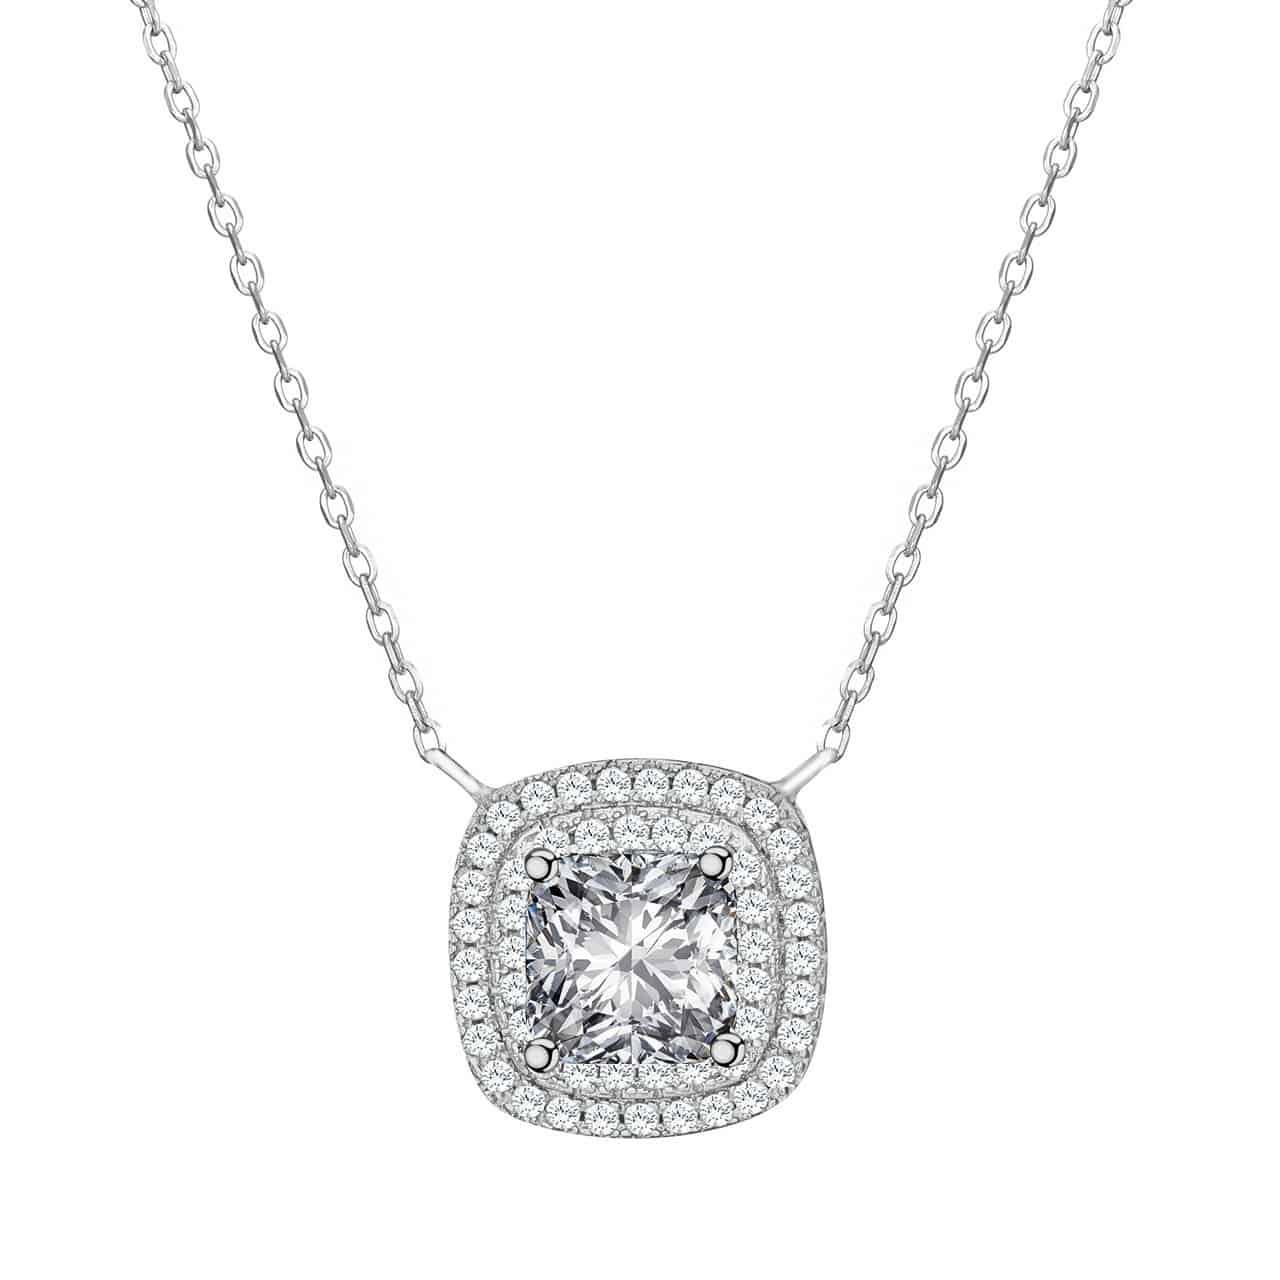 Damen Halskette ATMOKO aus 925 Sterling Silber mit runden oder eckigen Anhängern für nur 9,86 Euro